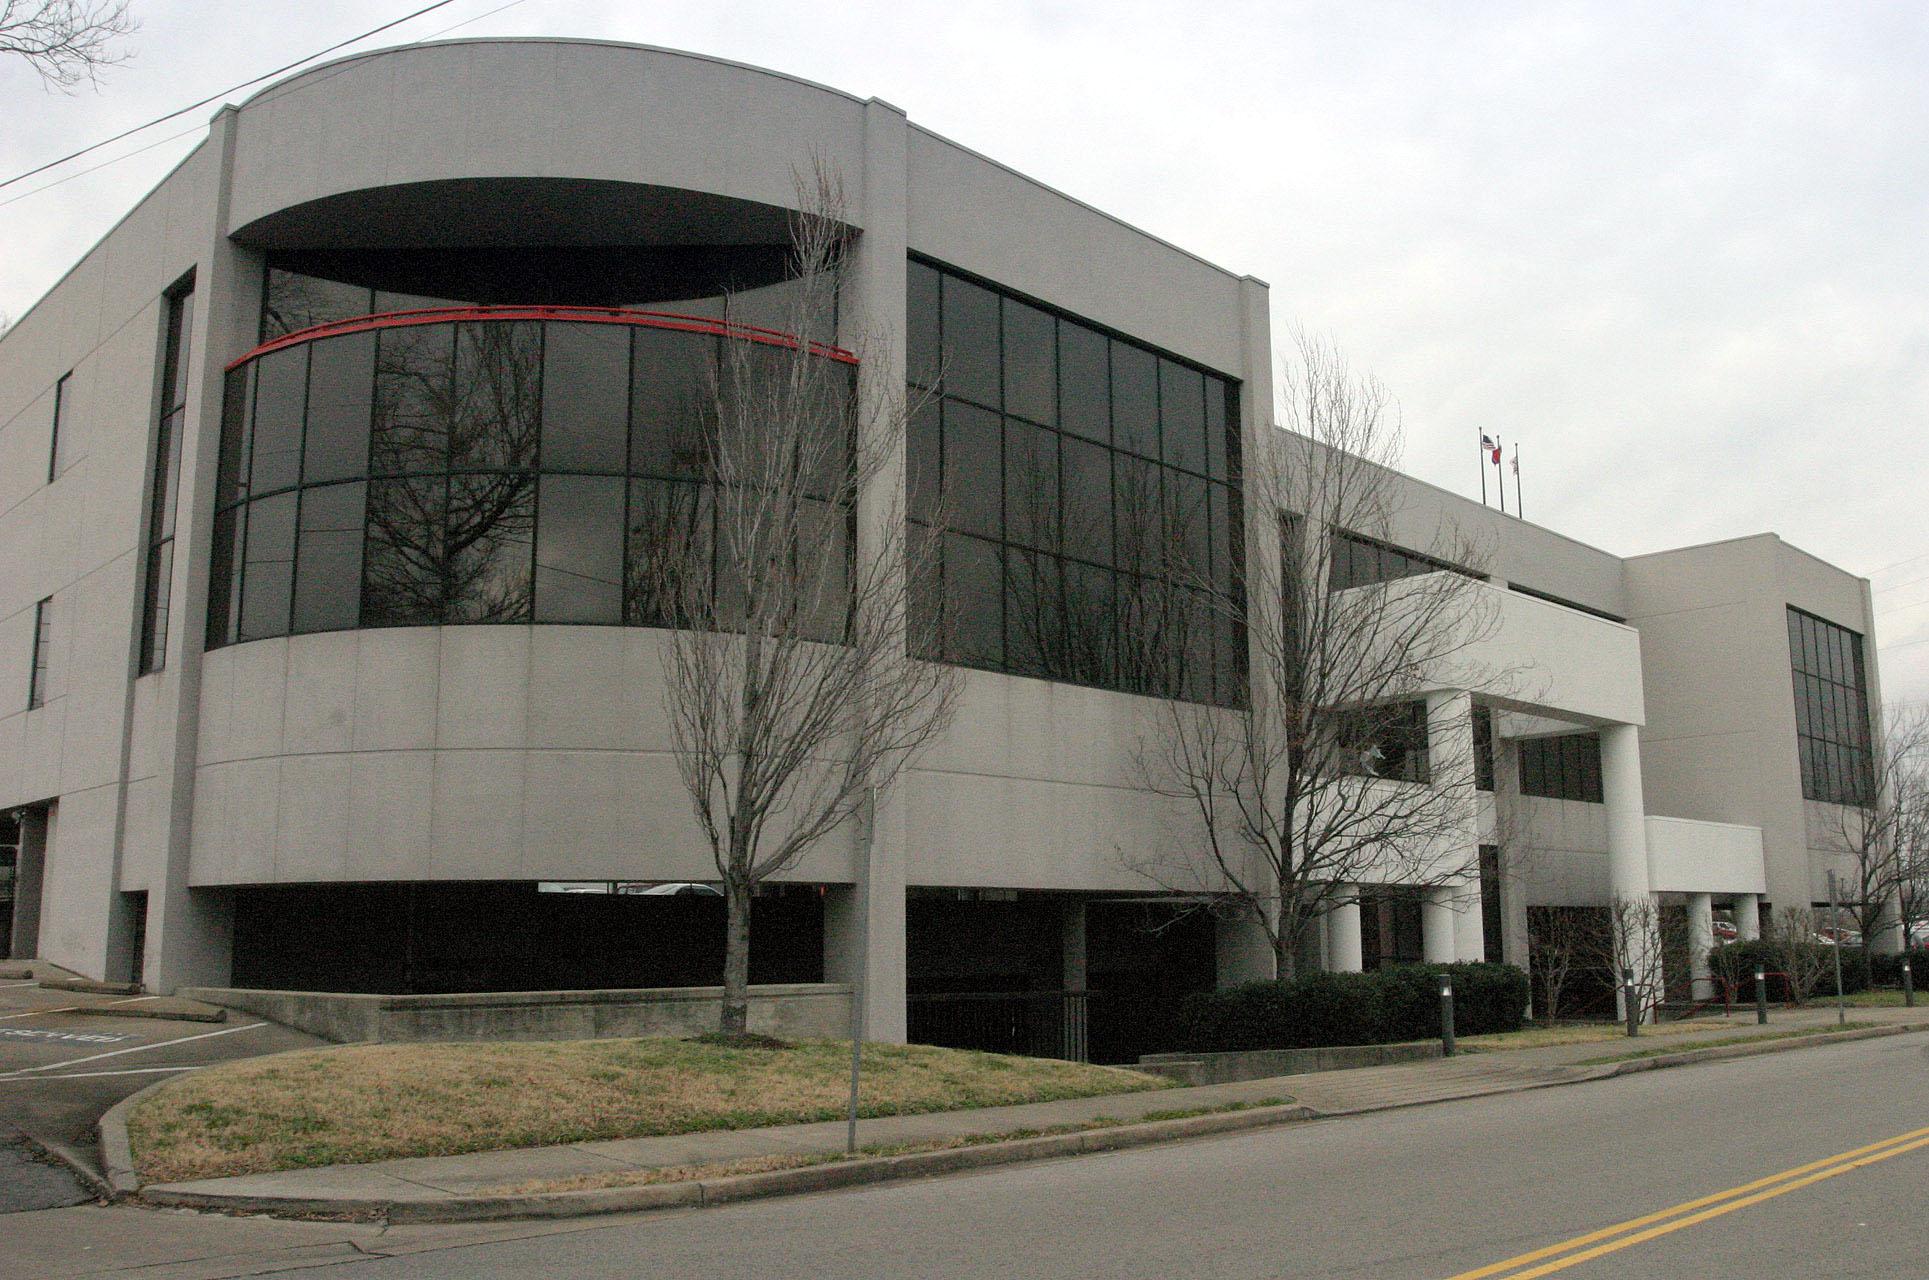 Sede do Comitê Geral Metodista Unido de Finanças e Administração (GCFA), localizado em Nashville, Tennessee. Foto de Ronny Perry, arquivo de Notícias MU.